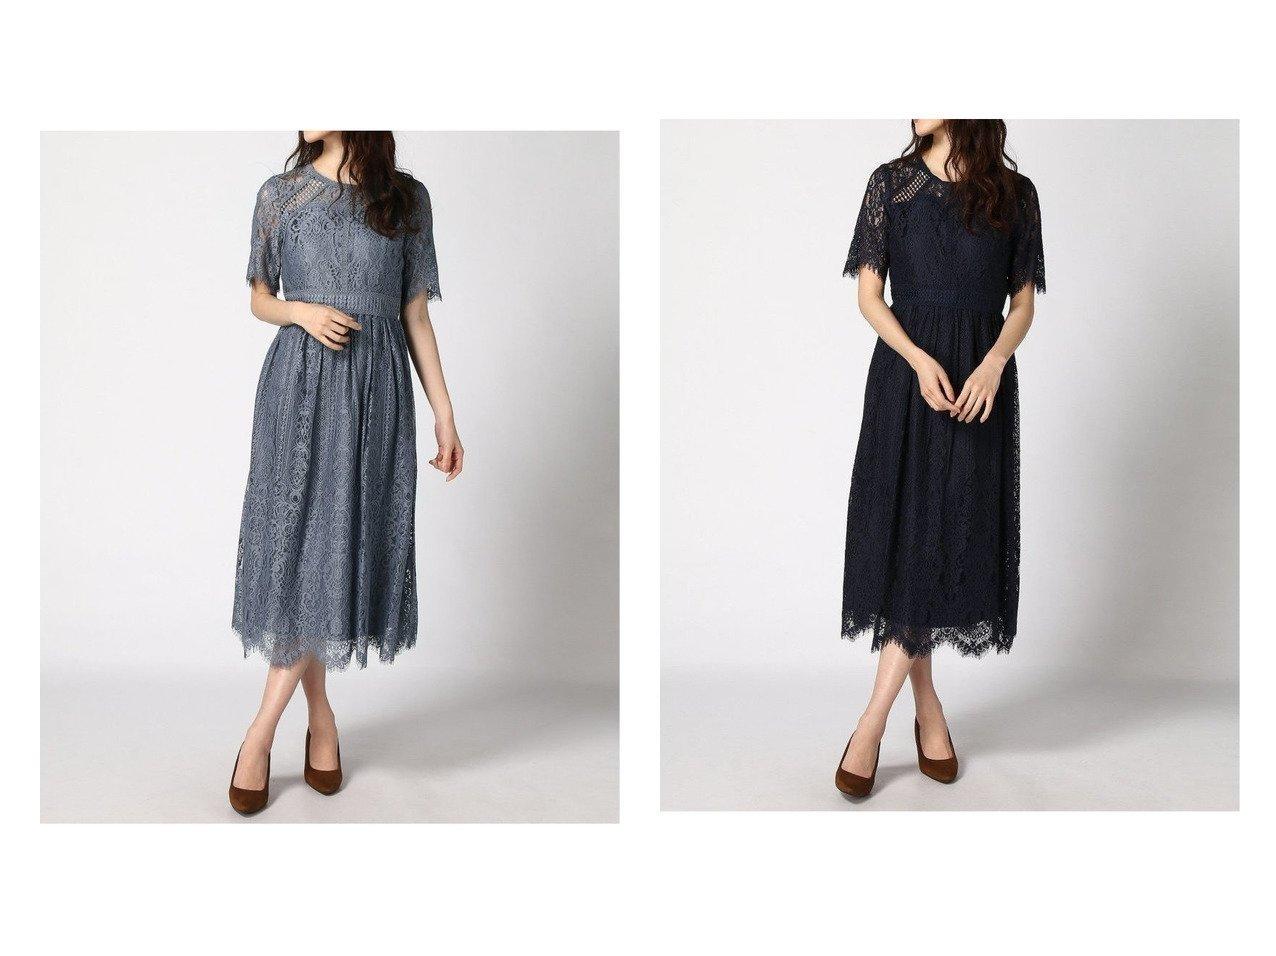 【Rewde/ルゥデ】の総レースロングドレス(0R04-A2037) ワンピース・ドレスのおすすめ!人気、レディースファッションの通販  おすすめで人気のファッション通販商品 インテリア・家具・キッズファッション・メンズファッション・レディースファッション・服の通販 founy(ファニー) https://founy.com/ ファッション Fashion レディース WOMEN ワンピース Dress ドレス Party Dresses マキシワンピース Maxi Dress ドレス マキシ レース ロング |ID:crp329100000004323